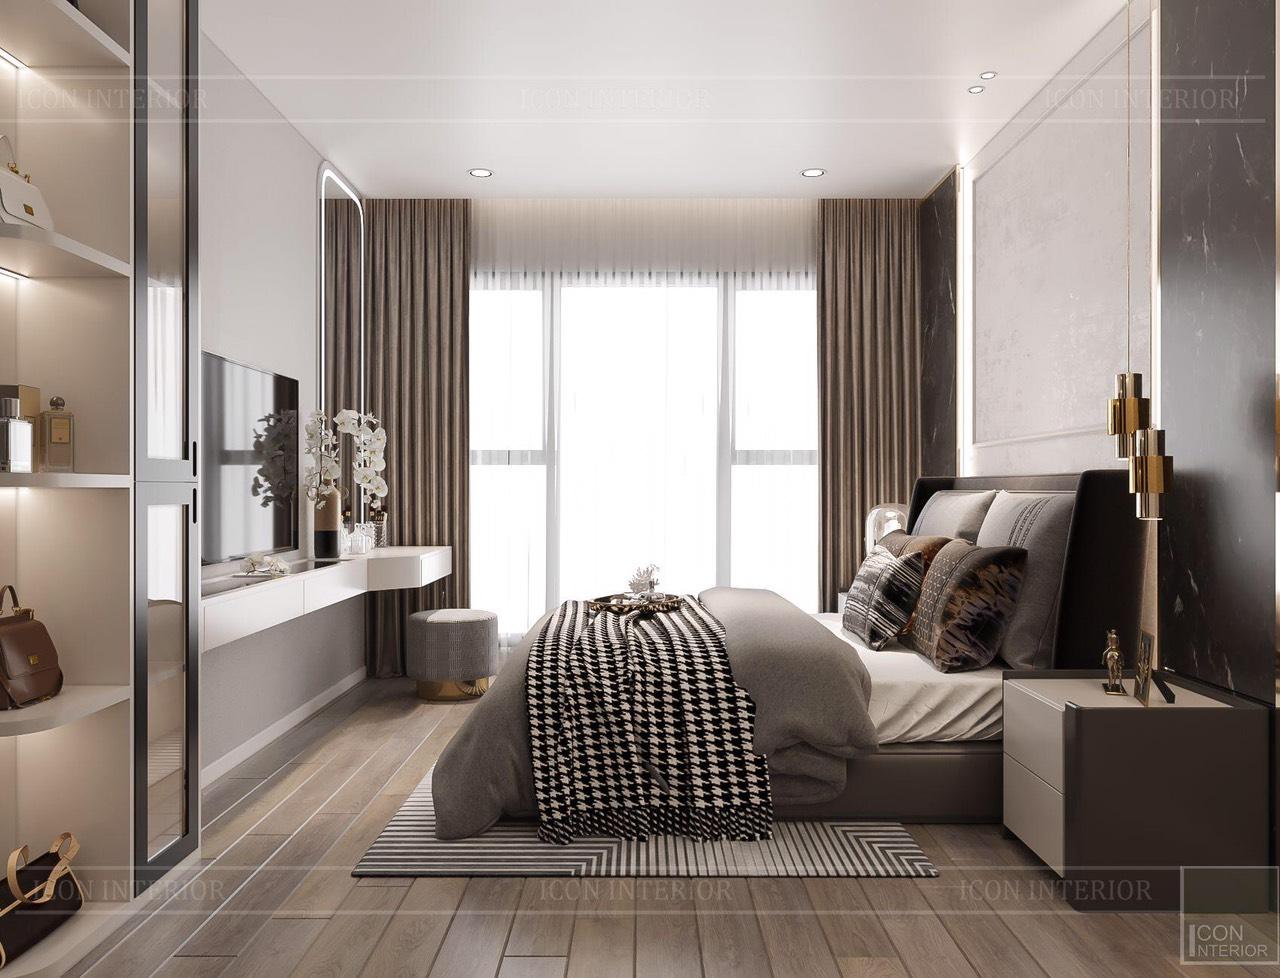 Thiết kế nội thất căn hộ Feliz En Vista ms.Hà B.17.10 - phòng ngủ master